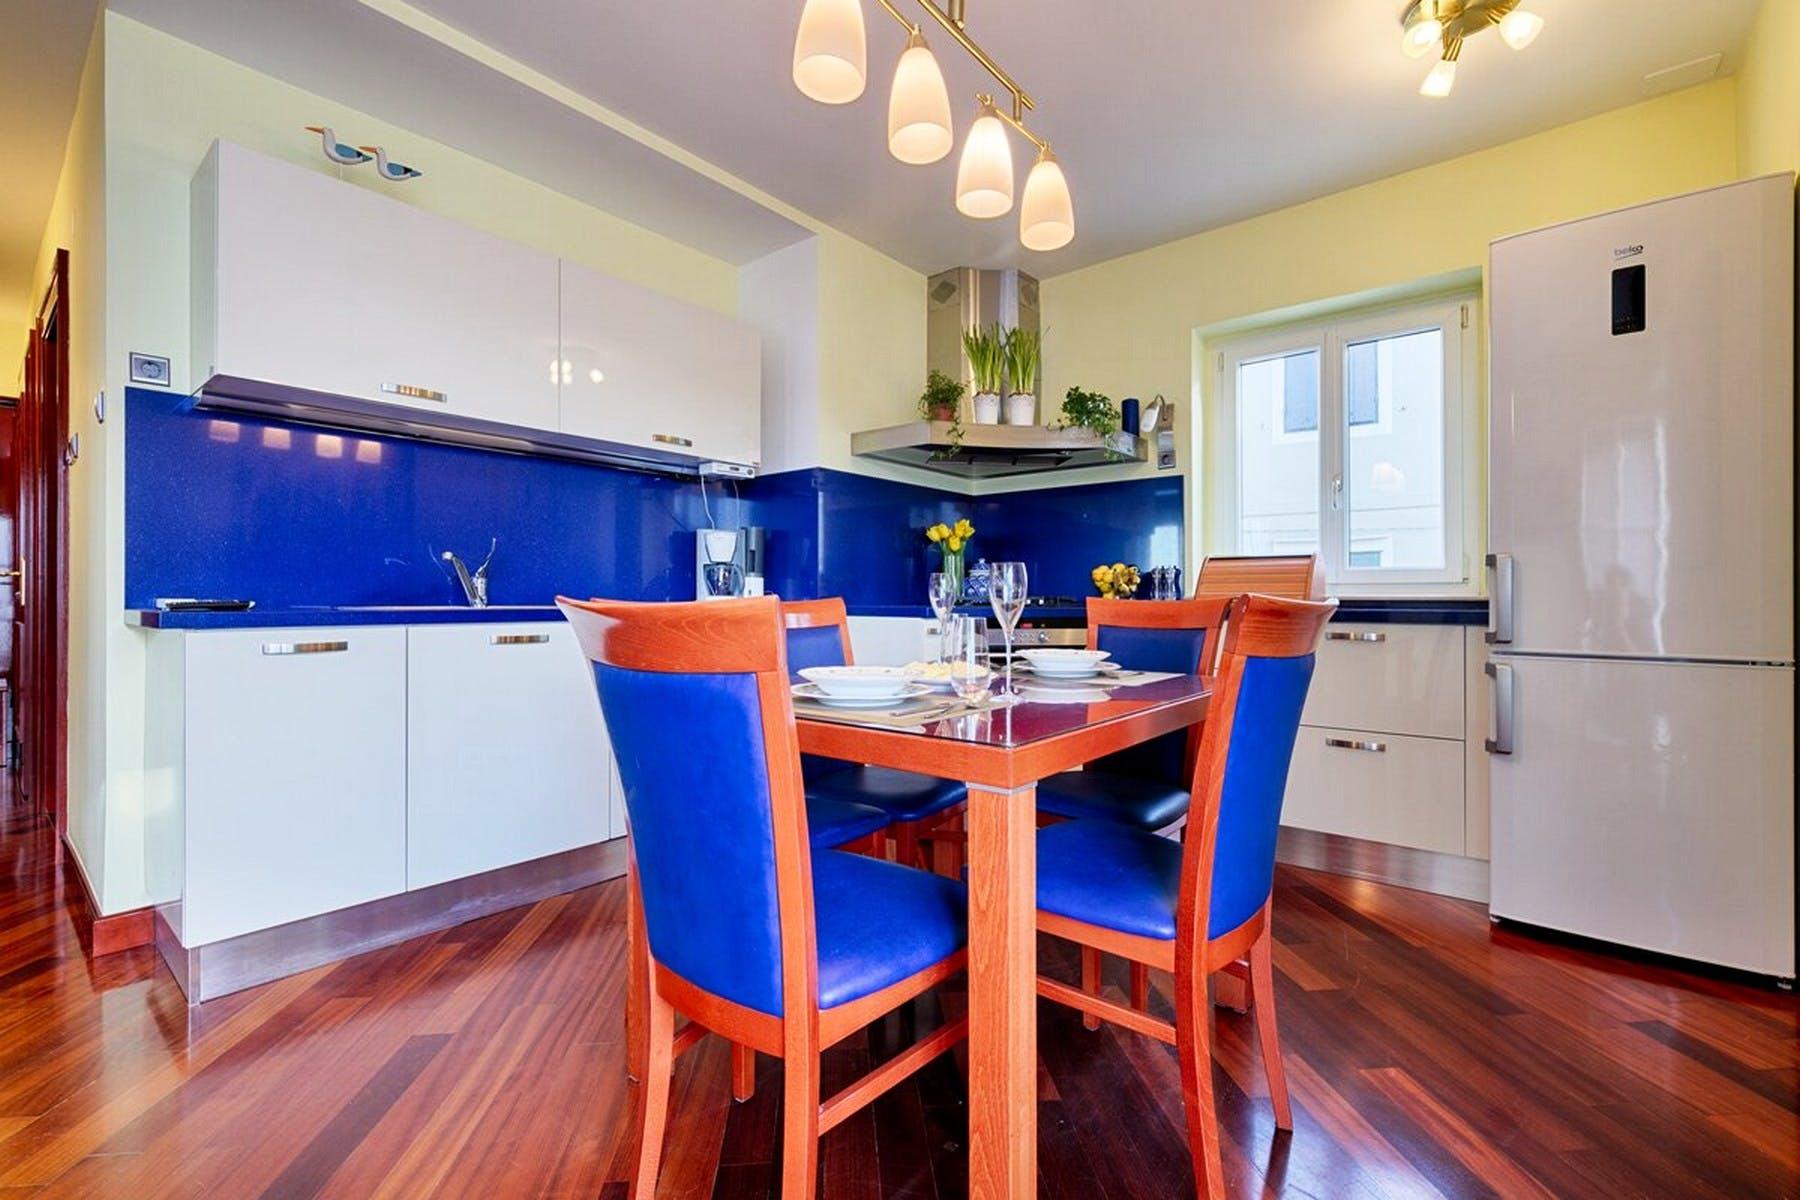 Kuhinja i blagovaonica u upečatljivoj plavoj nijansi